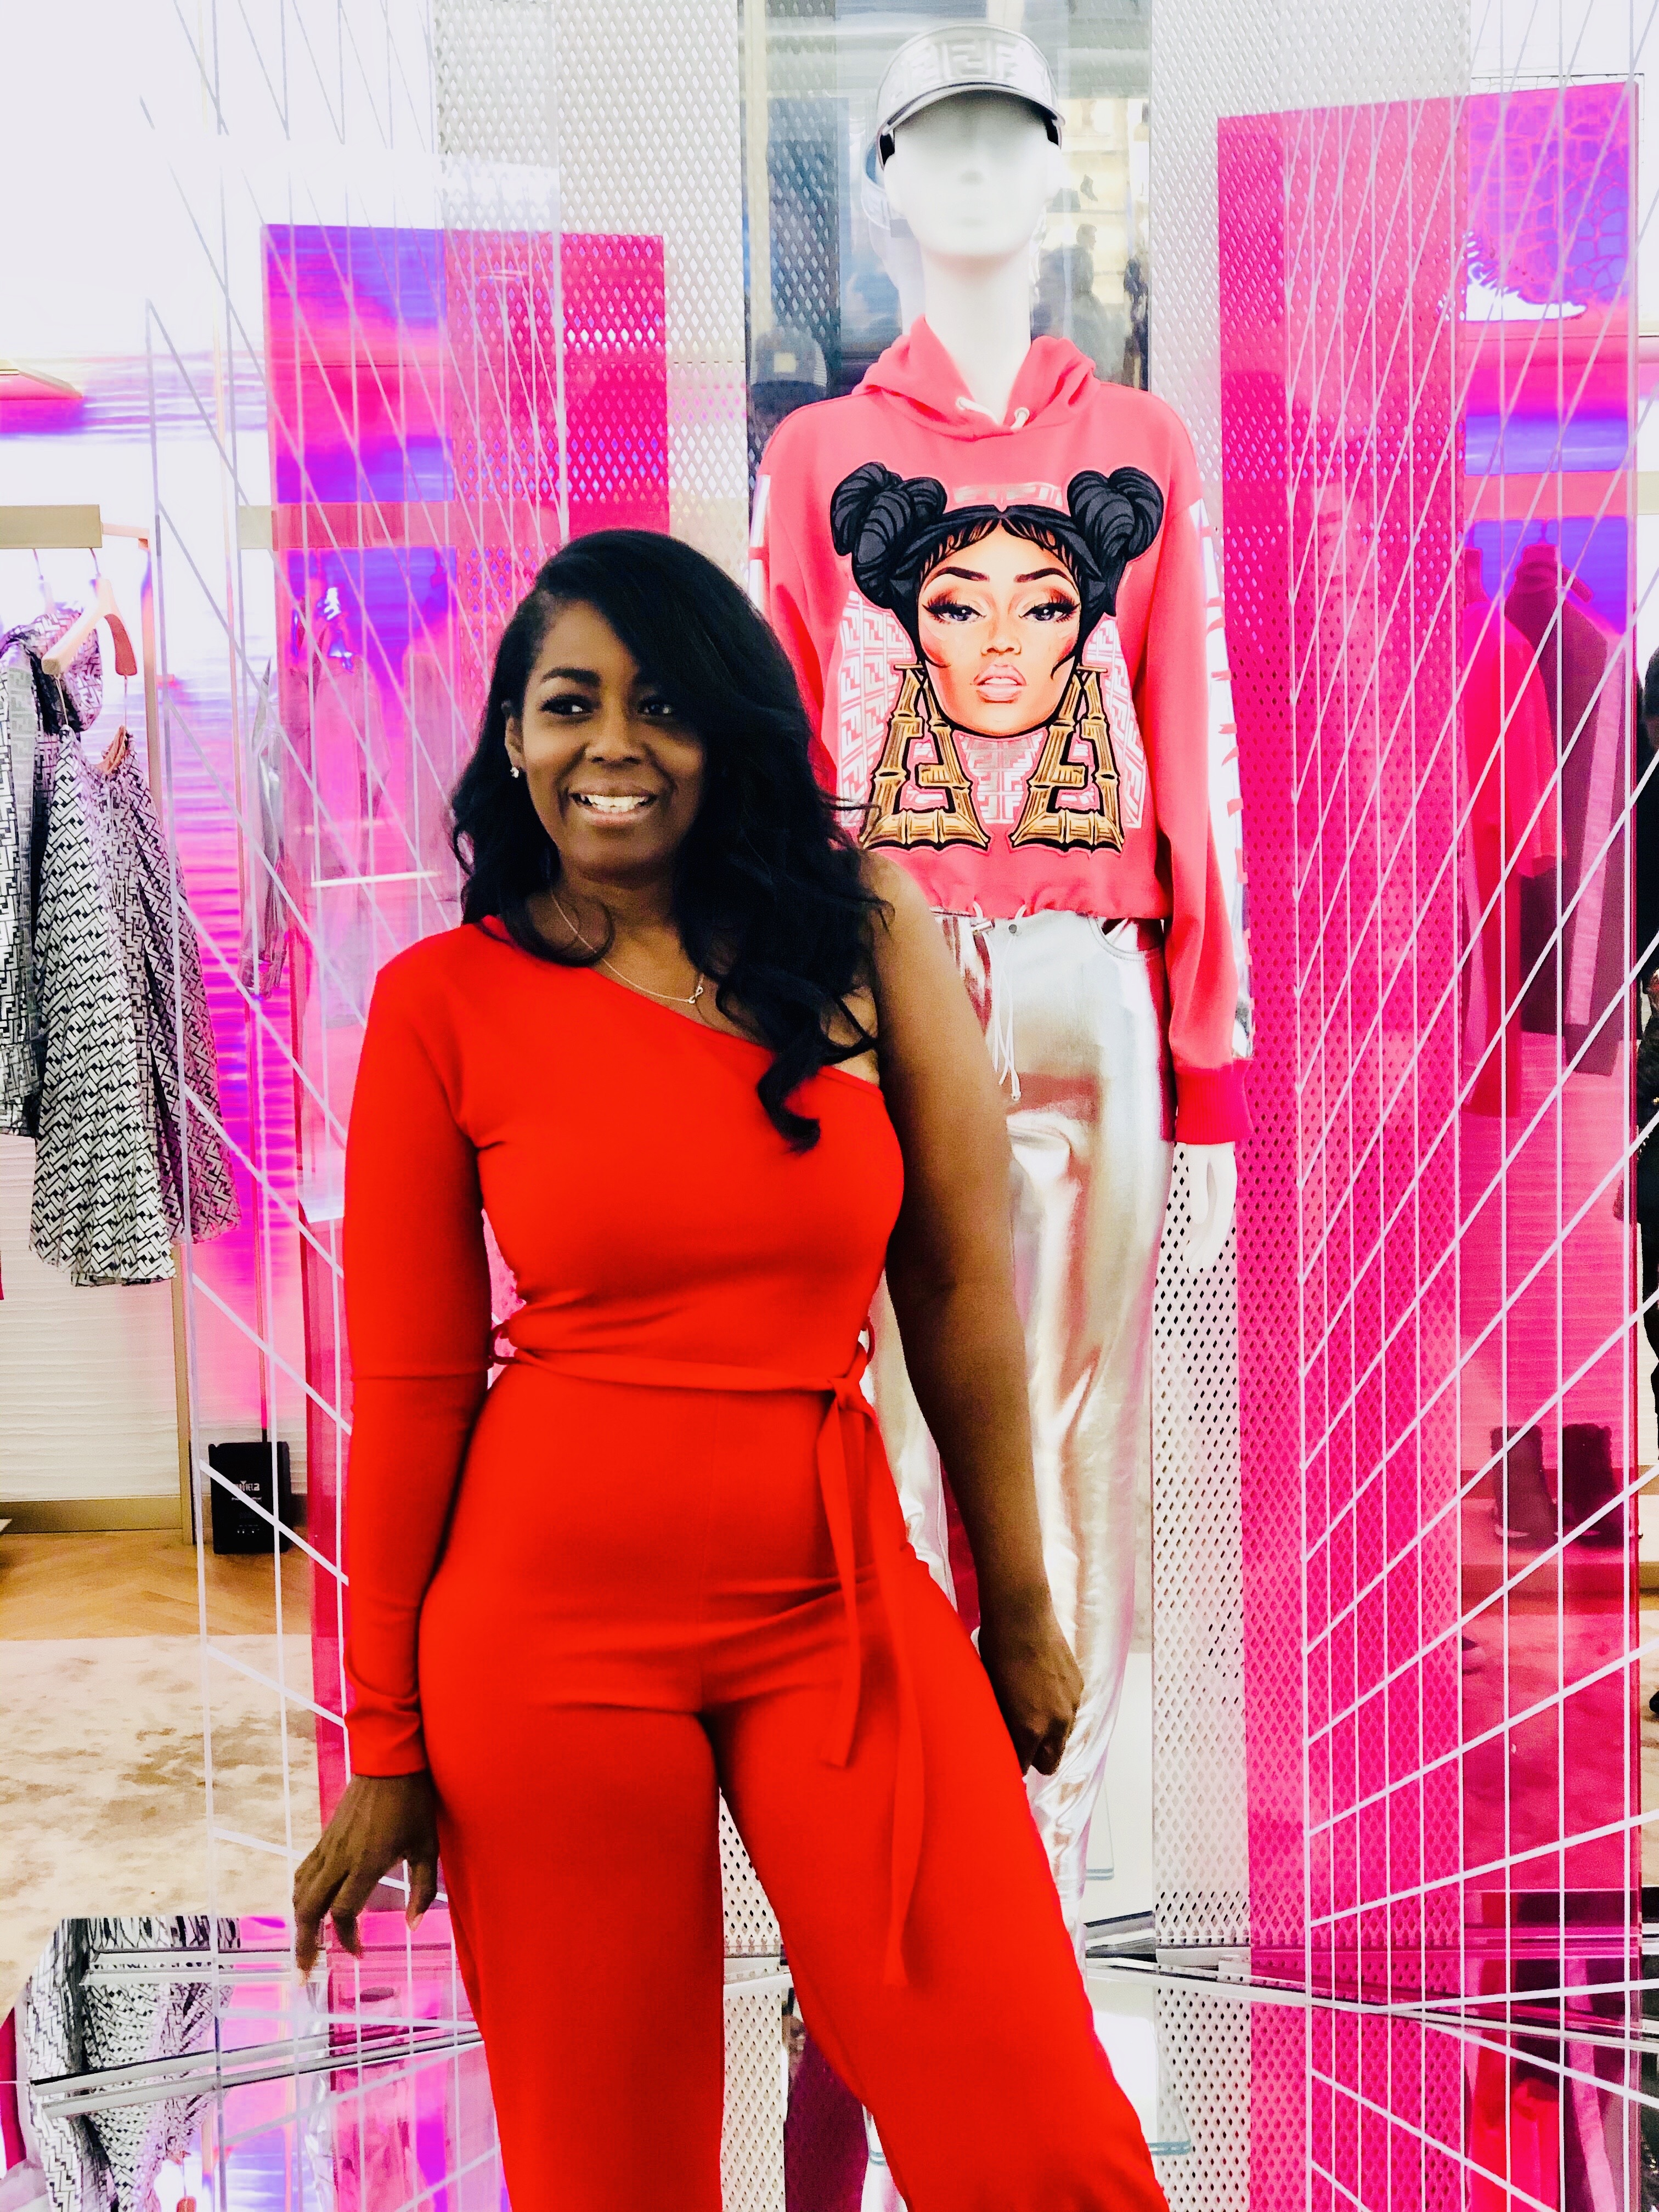 Atlanta Fashionistas Come Out For The Fendi x Nicki Minaj #FendiPrintsOn Private Viewing Party